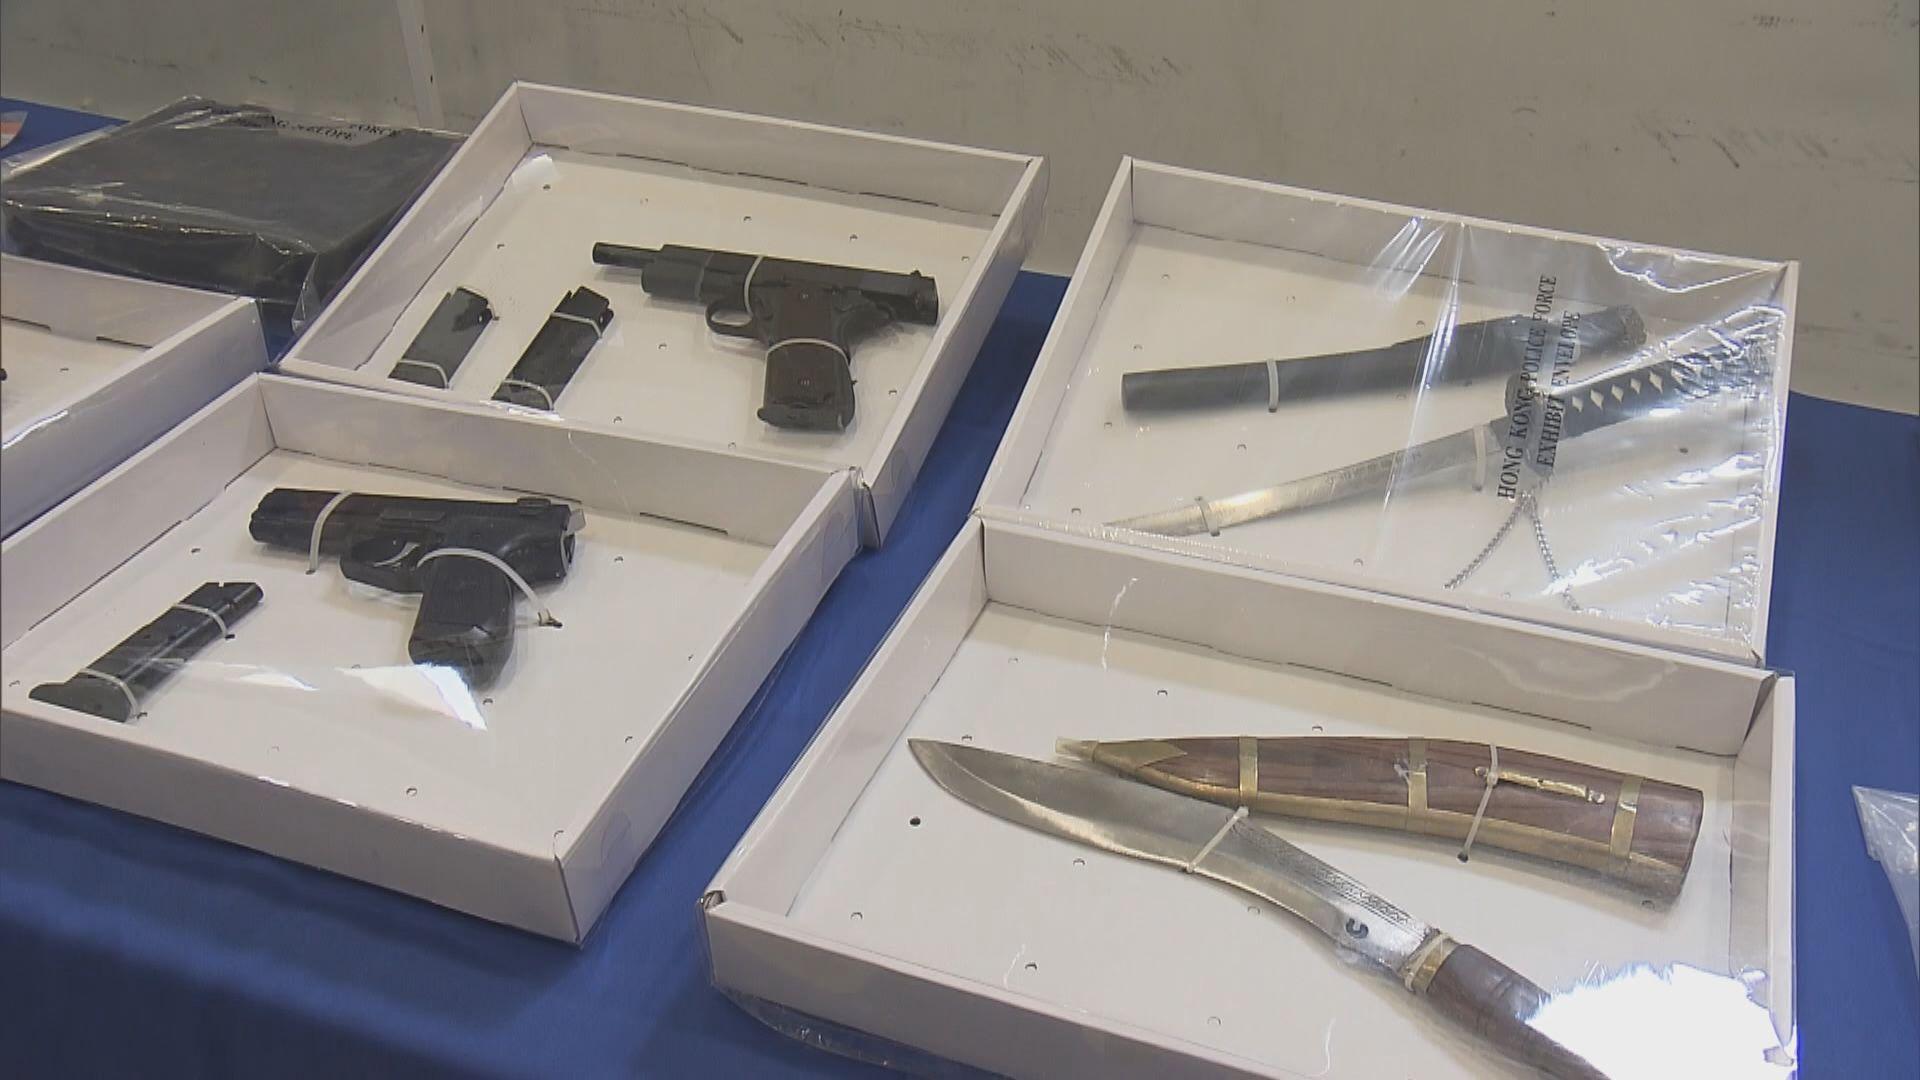 警方拘捕六名南亞裔男子 涉上周元朗金行劫案